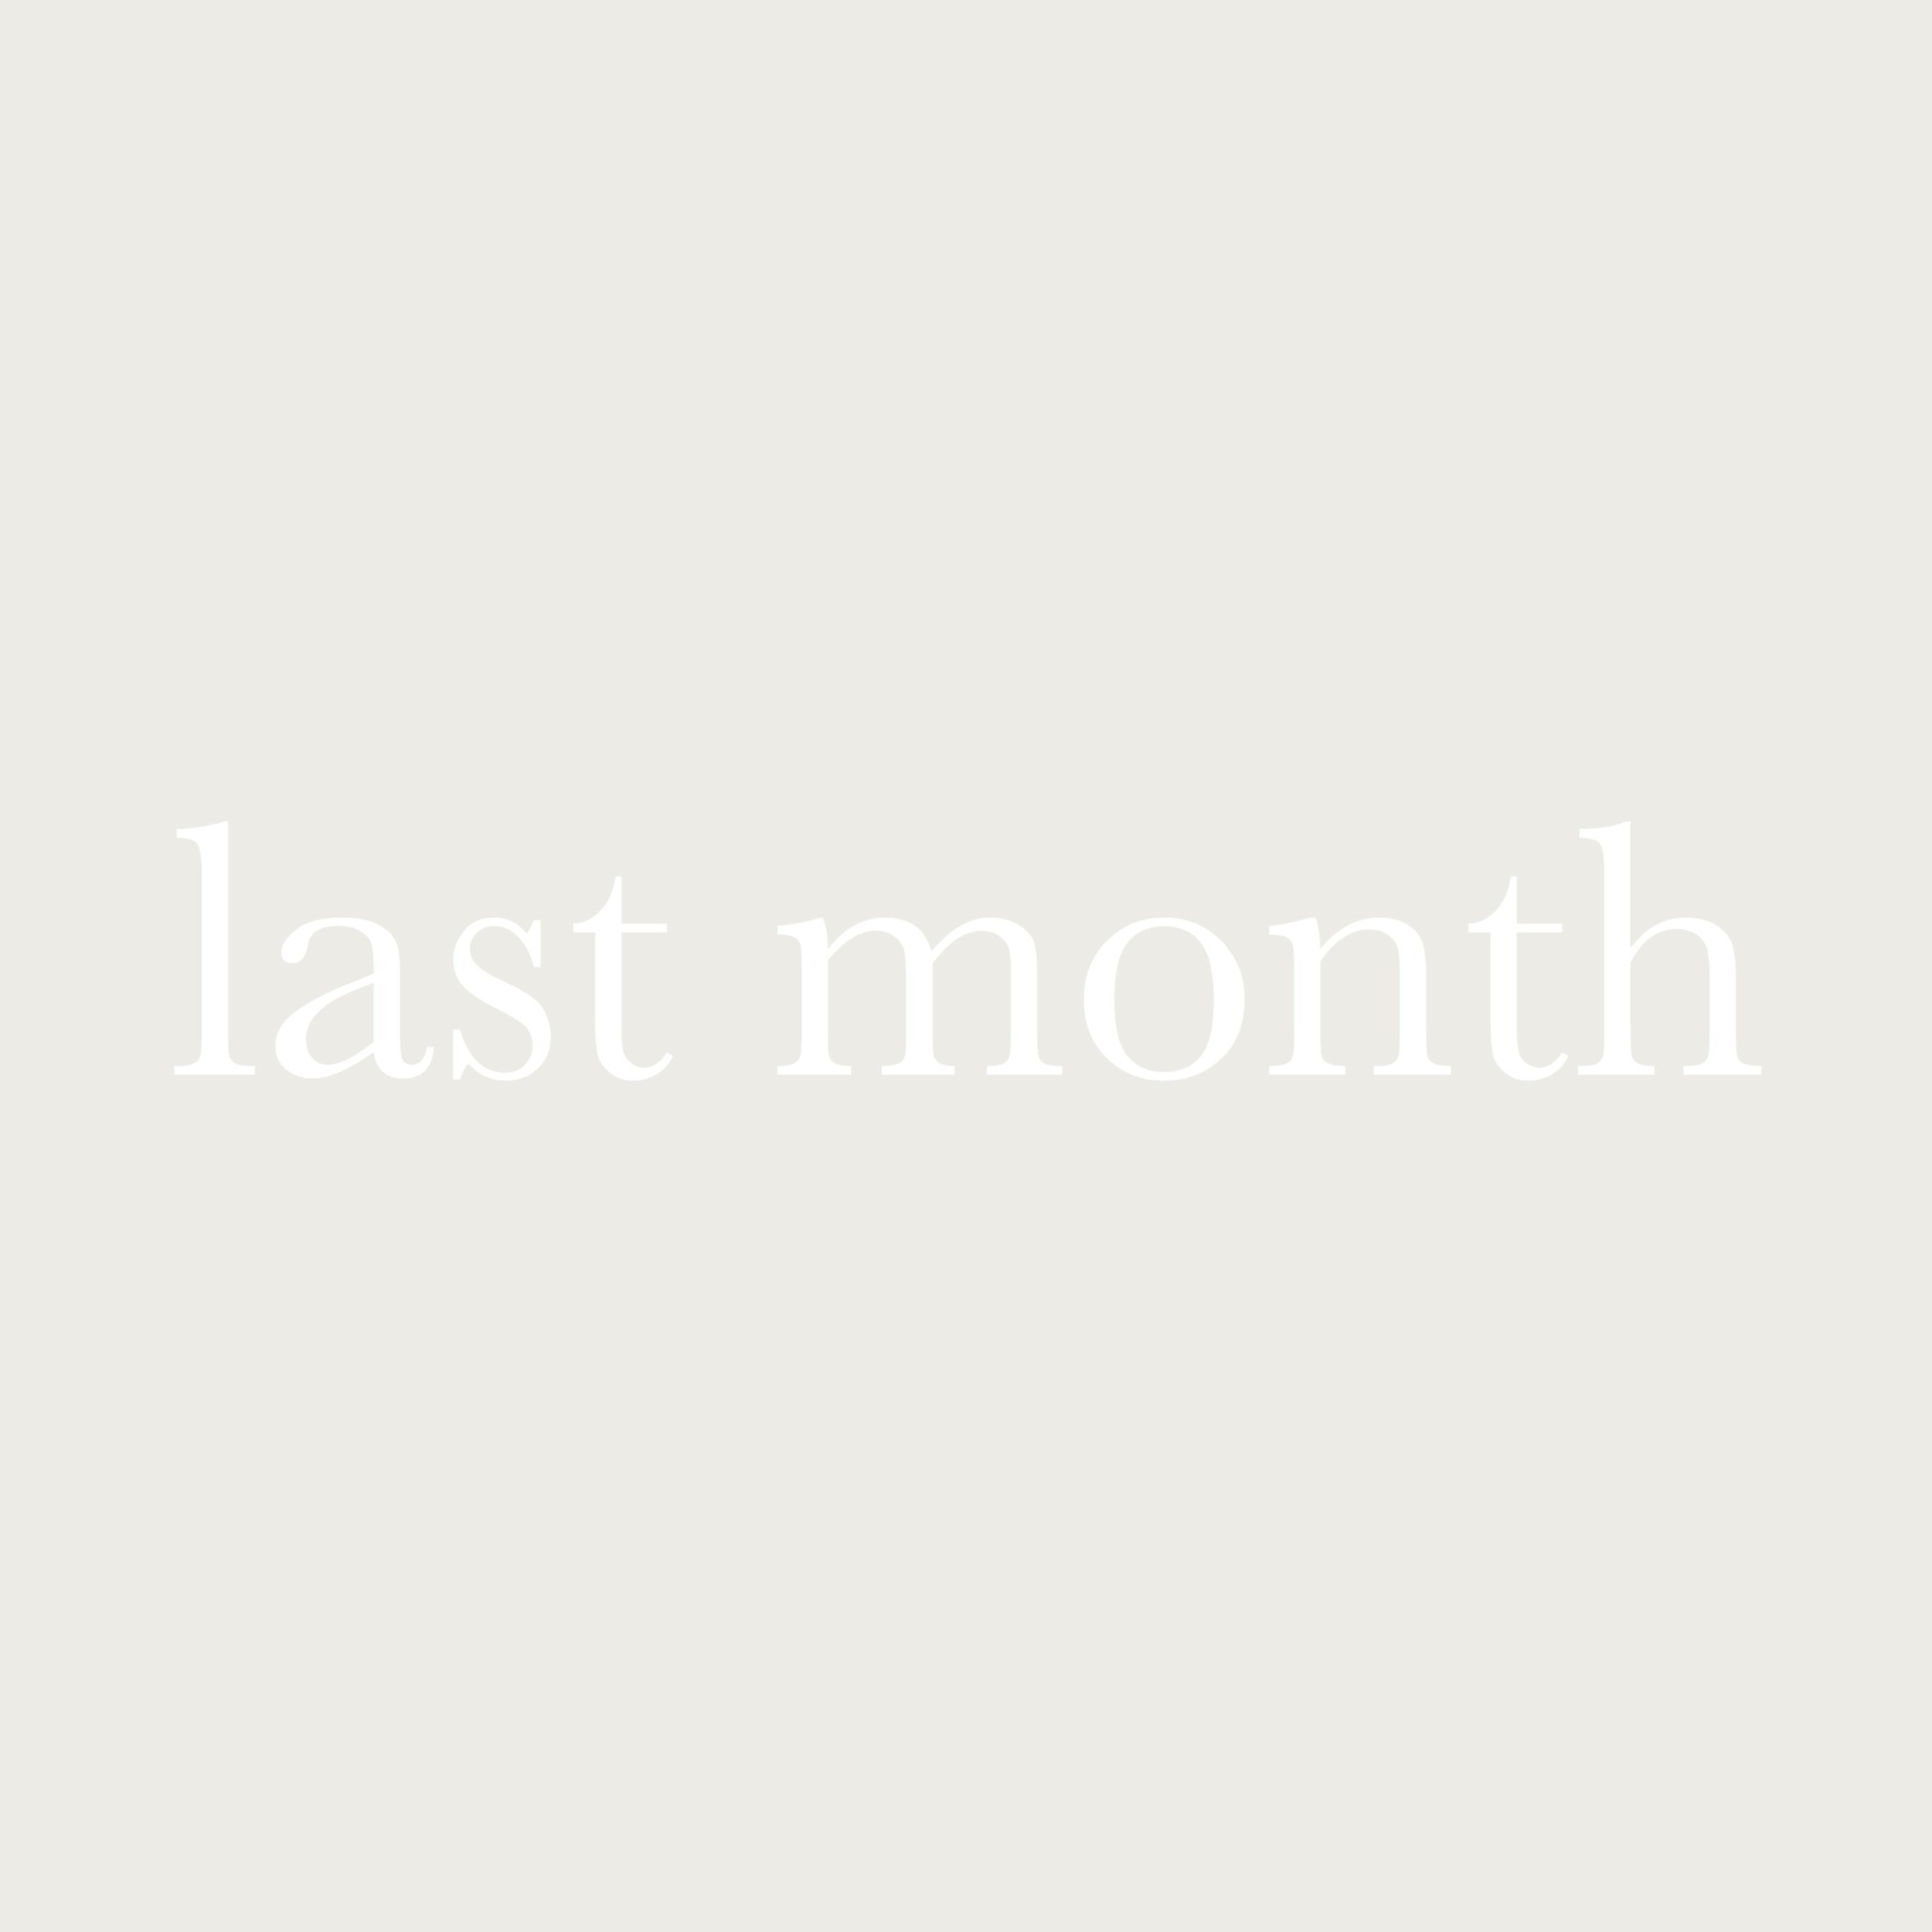 每日一字 : last month